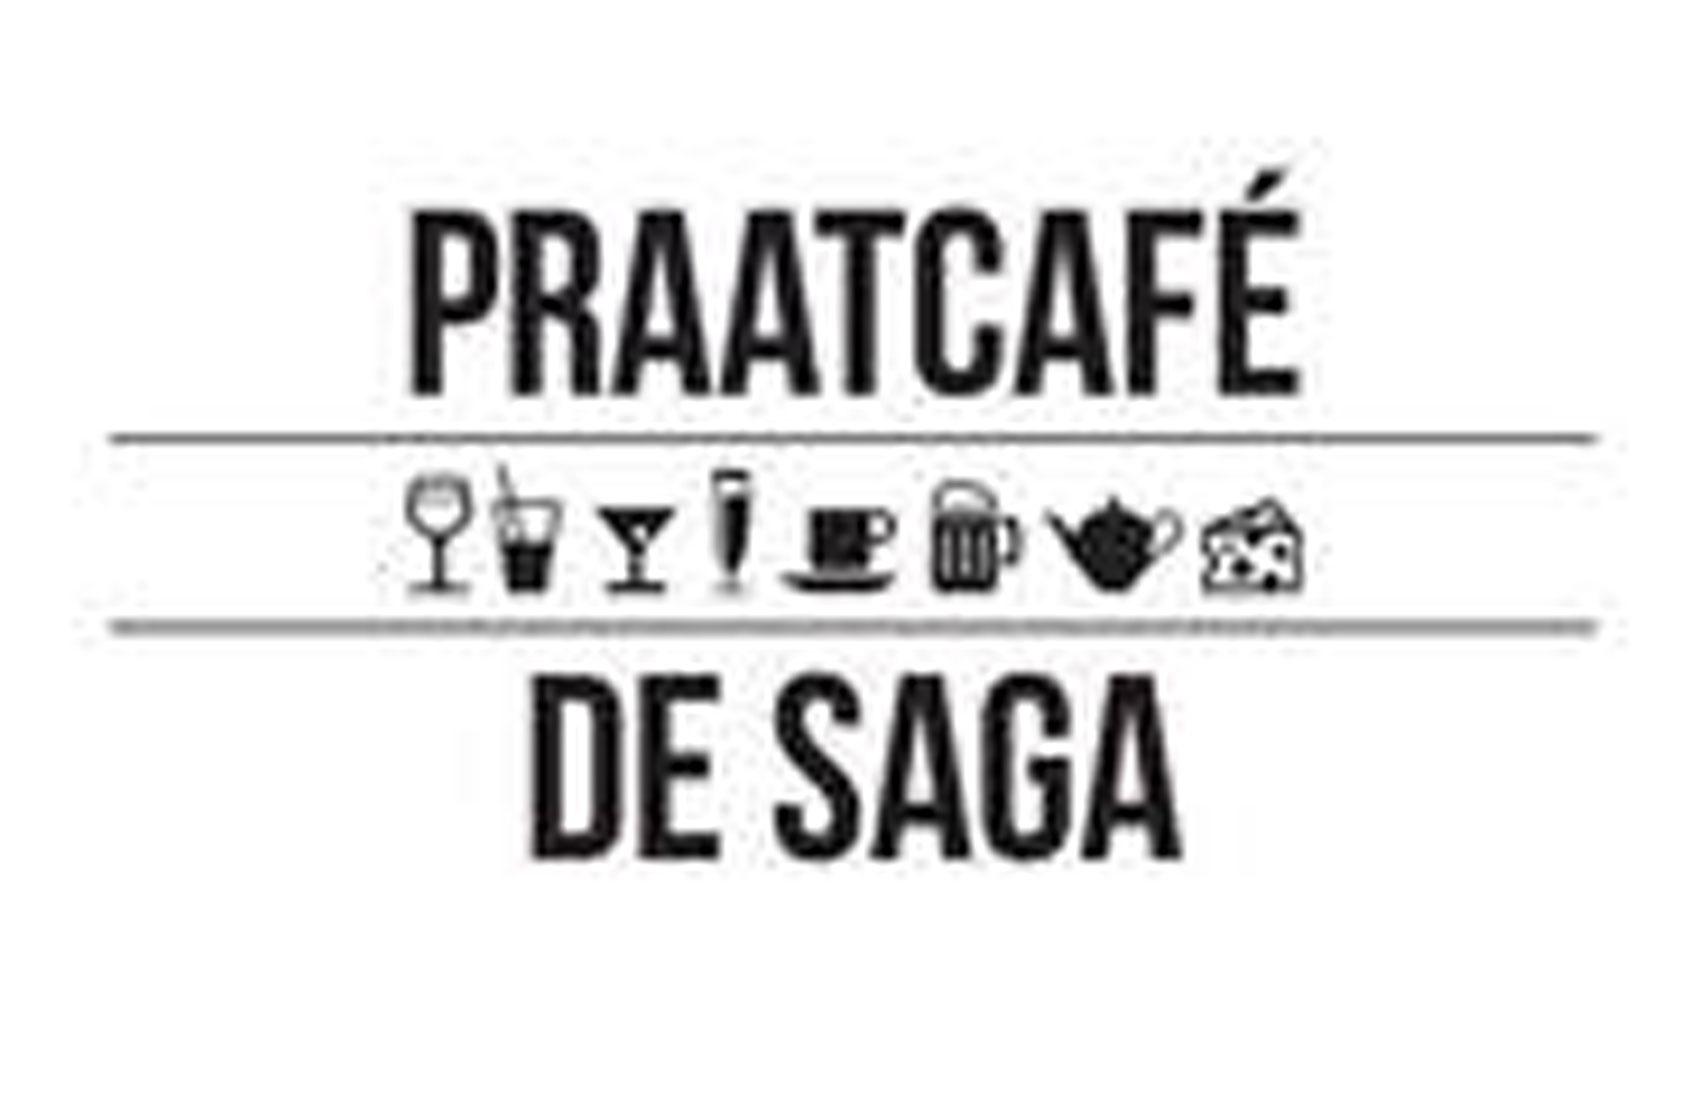 De Saga praatcafé